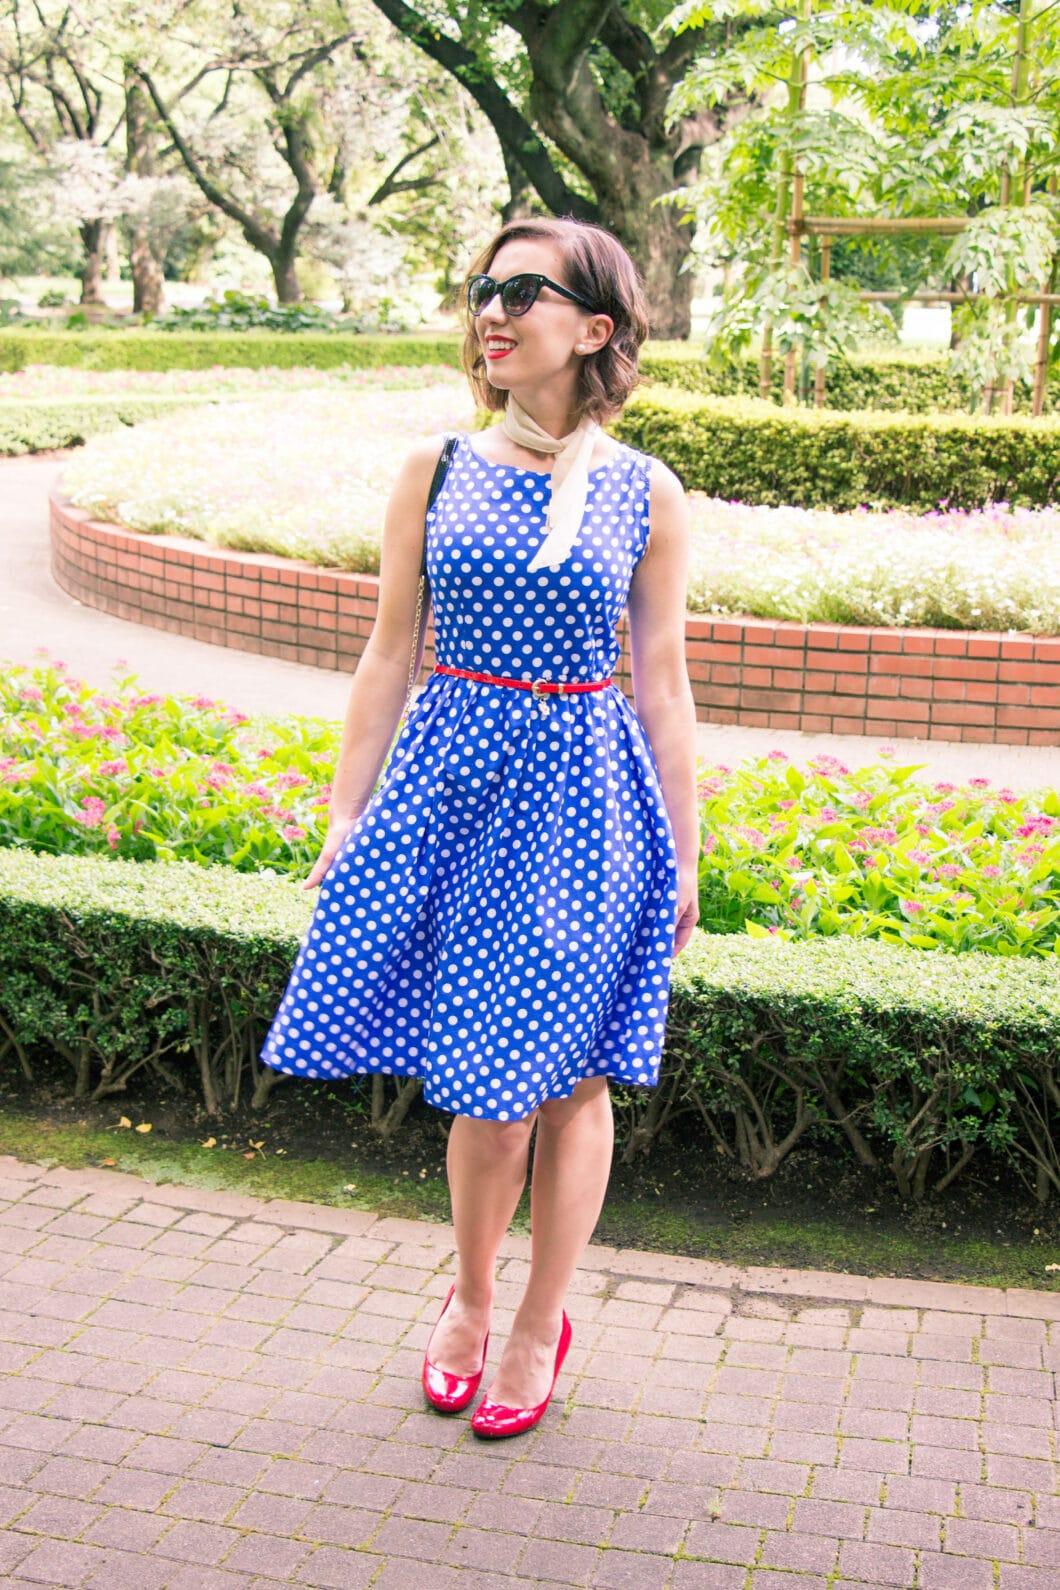 Shein Polka dot dress